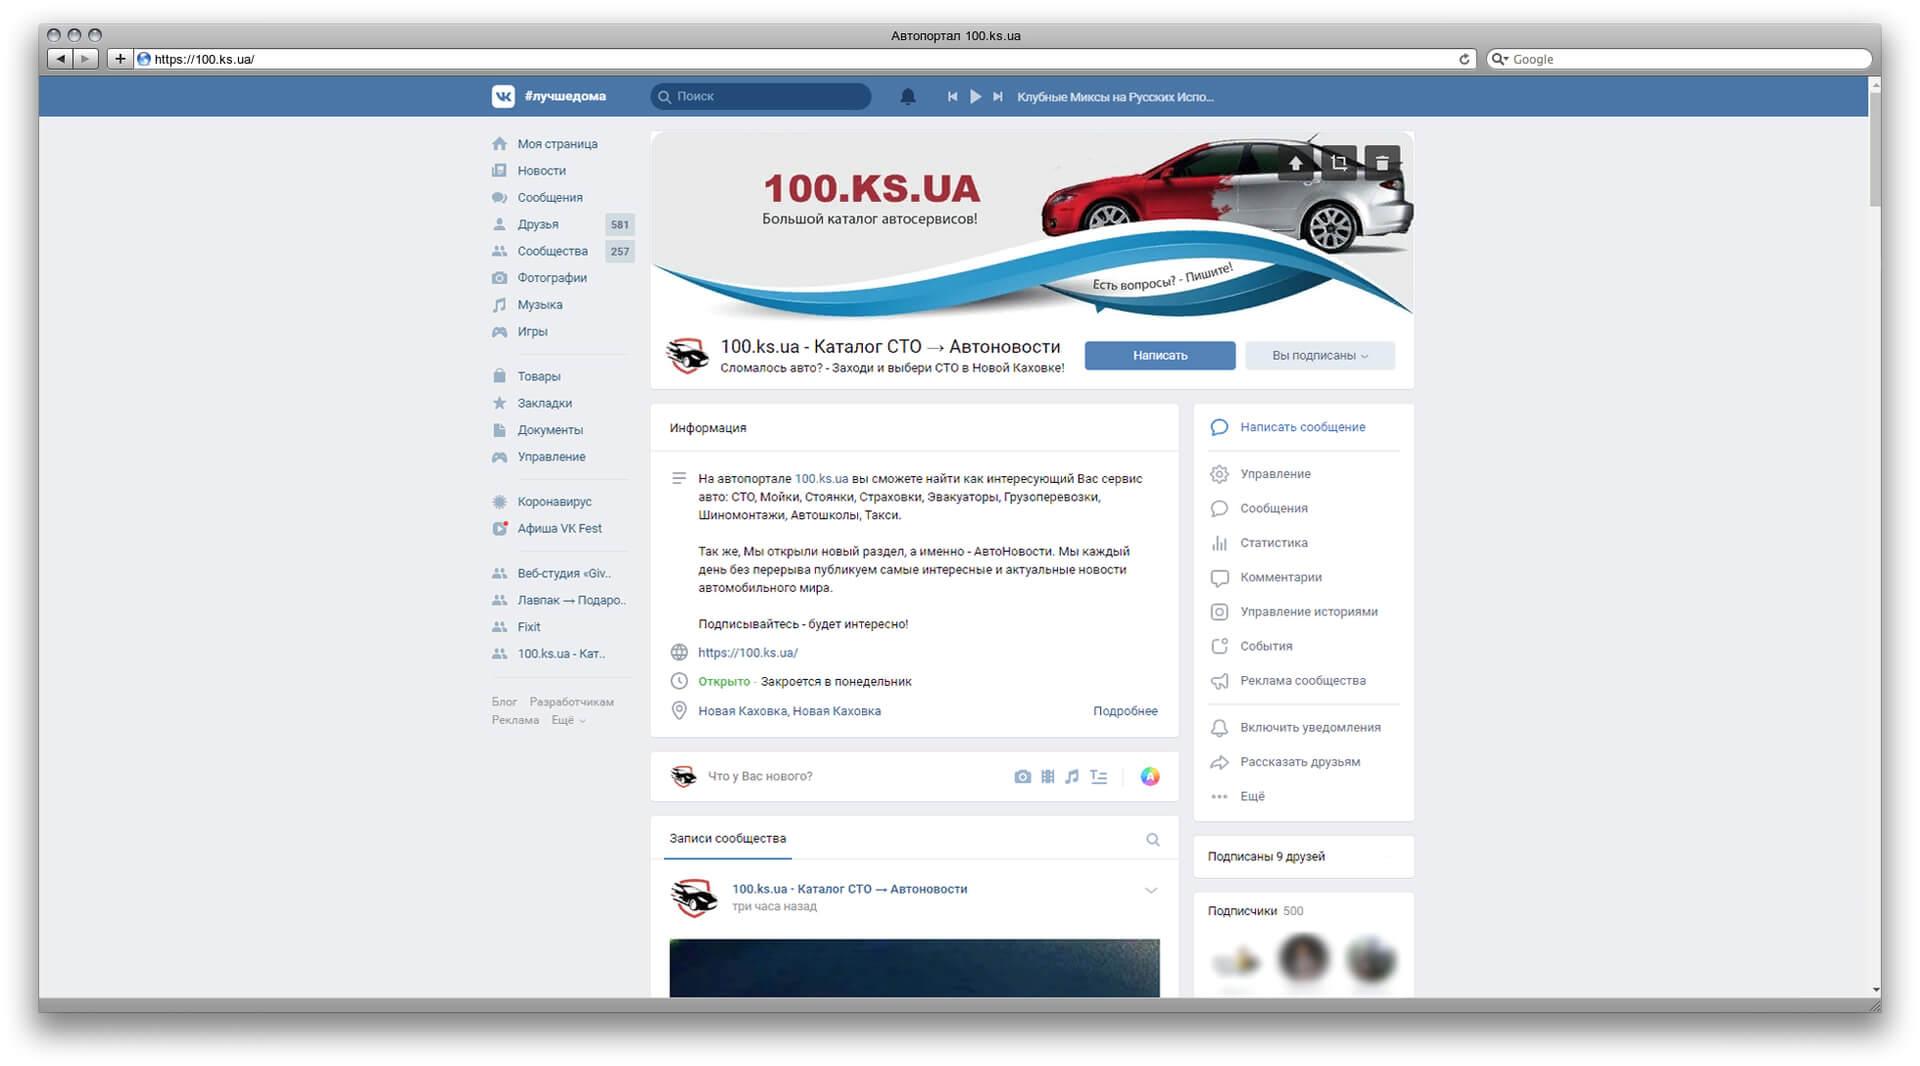 ВКонтакте для автосервиса, раскрутить автосервис